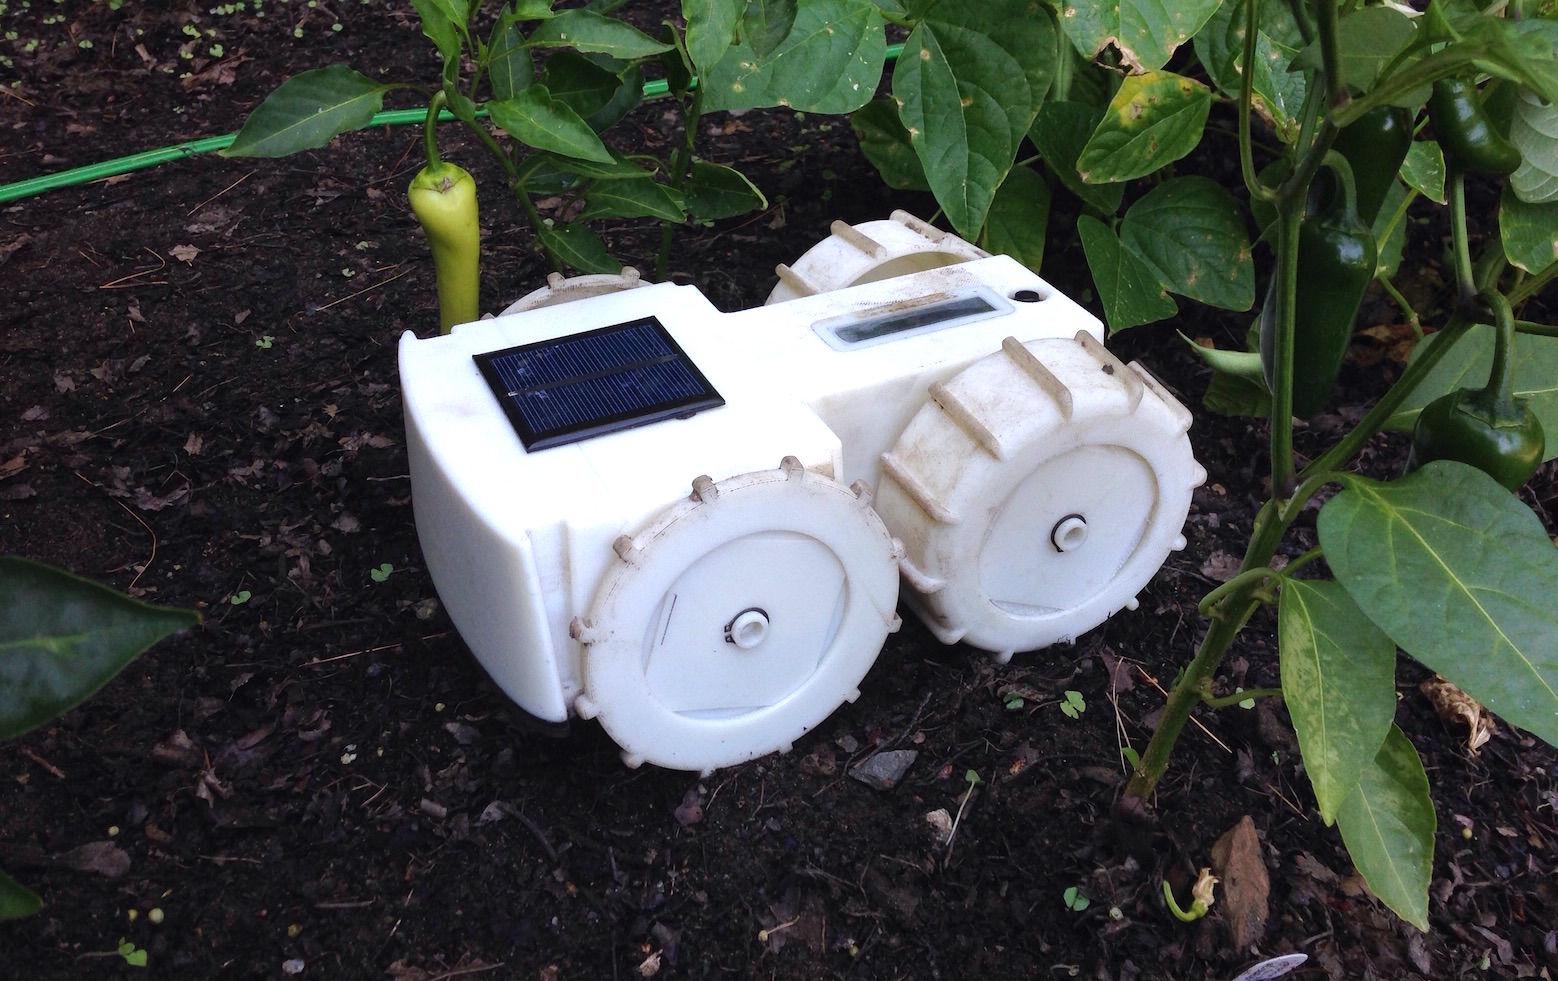 家庭用から屋外用へ「ルンバ生みの親」が手がける新たなロボ掃除機